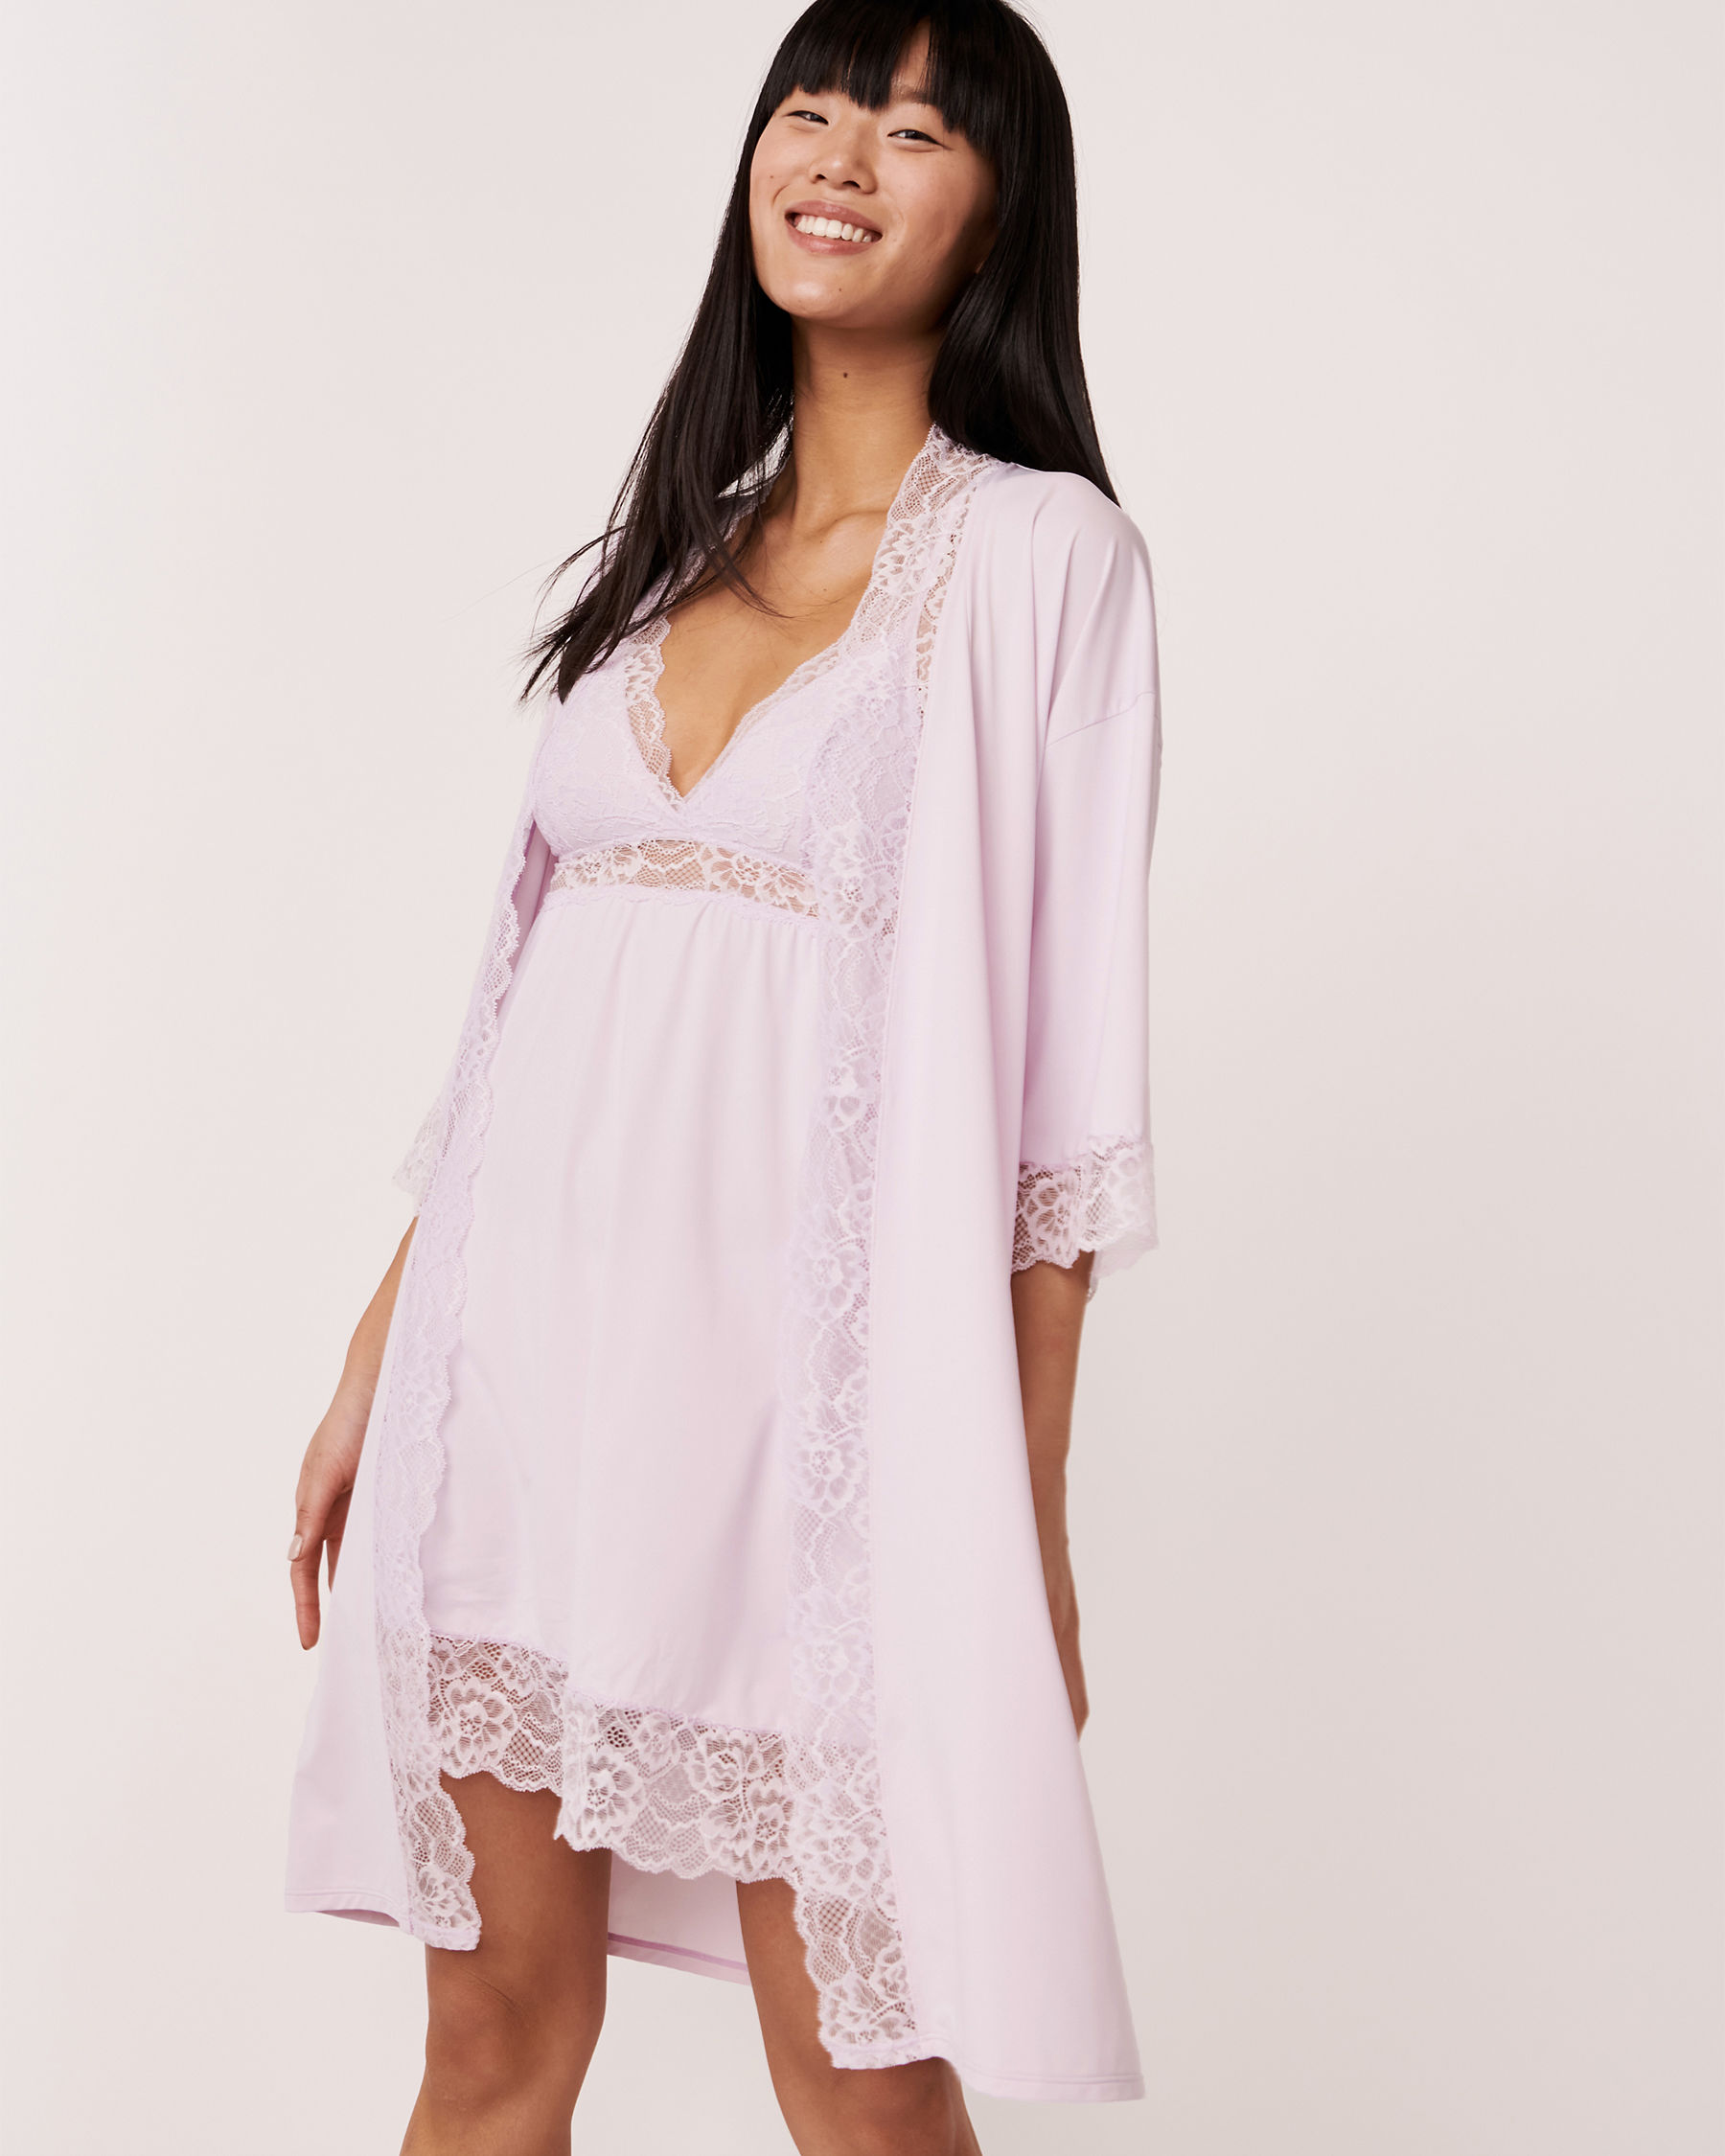 LA VIE EN ROSE Kimono garniture de dentelle Lilas 60600002 - Voir1